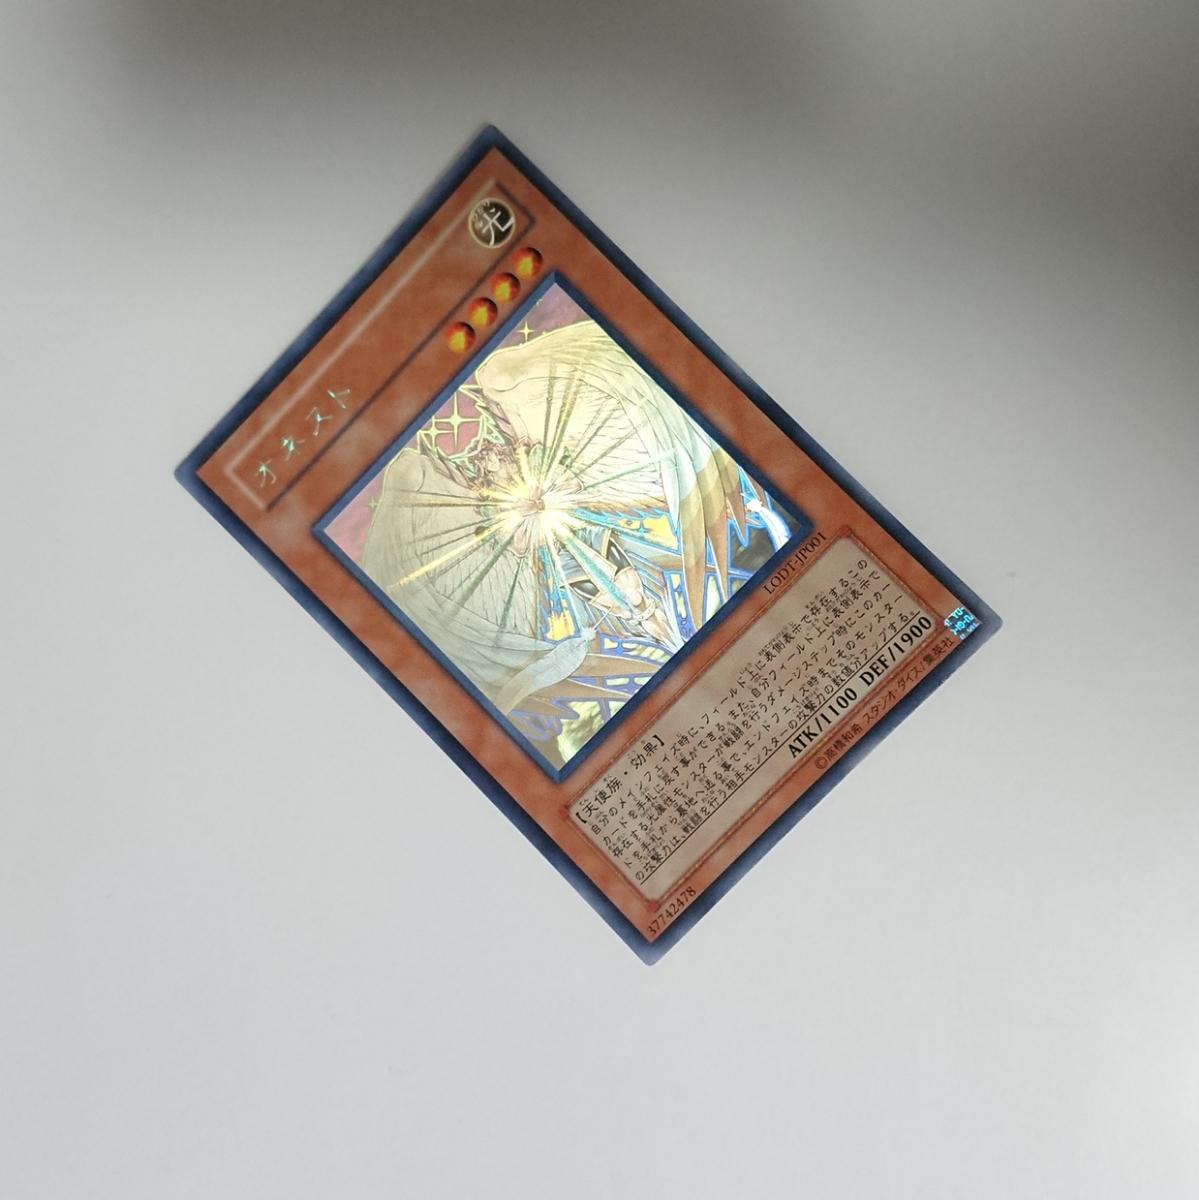 美品 オネスト ホロ ホログラフィック 遊戯王カード_画像3